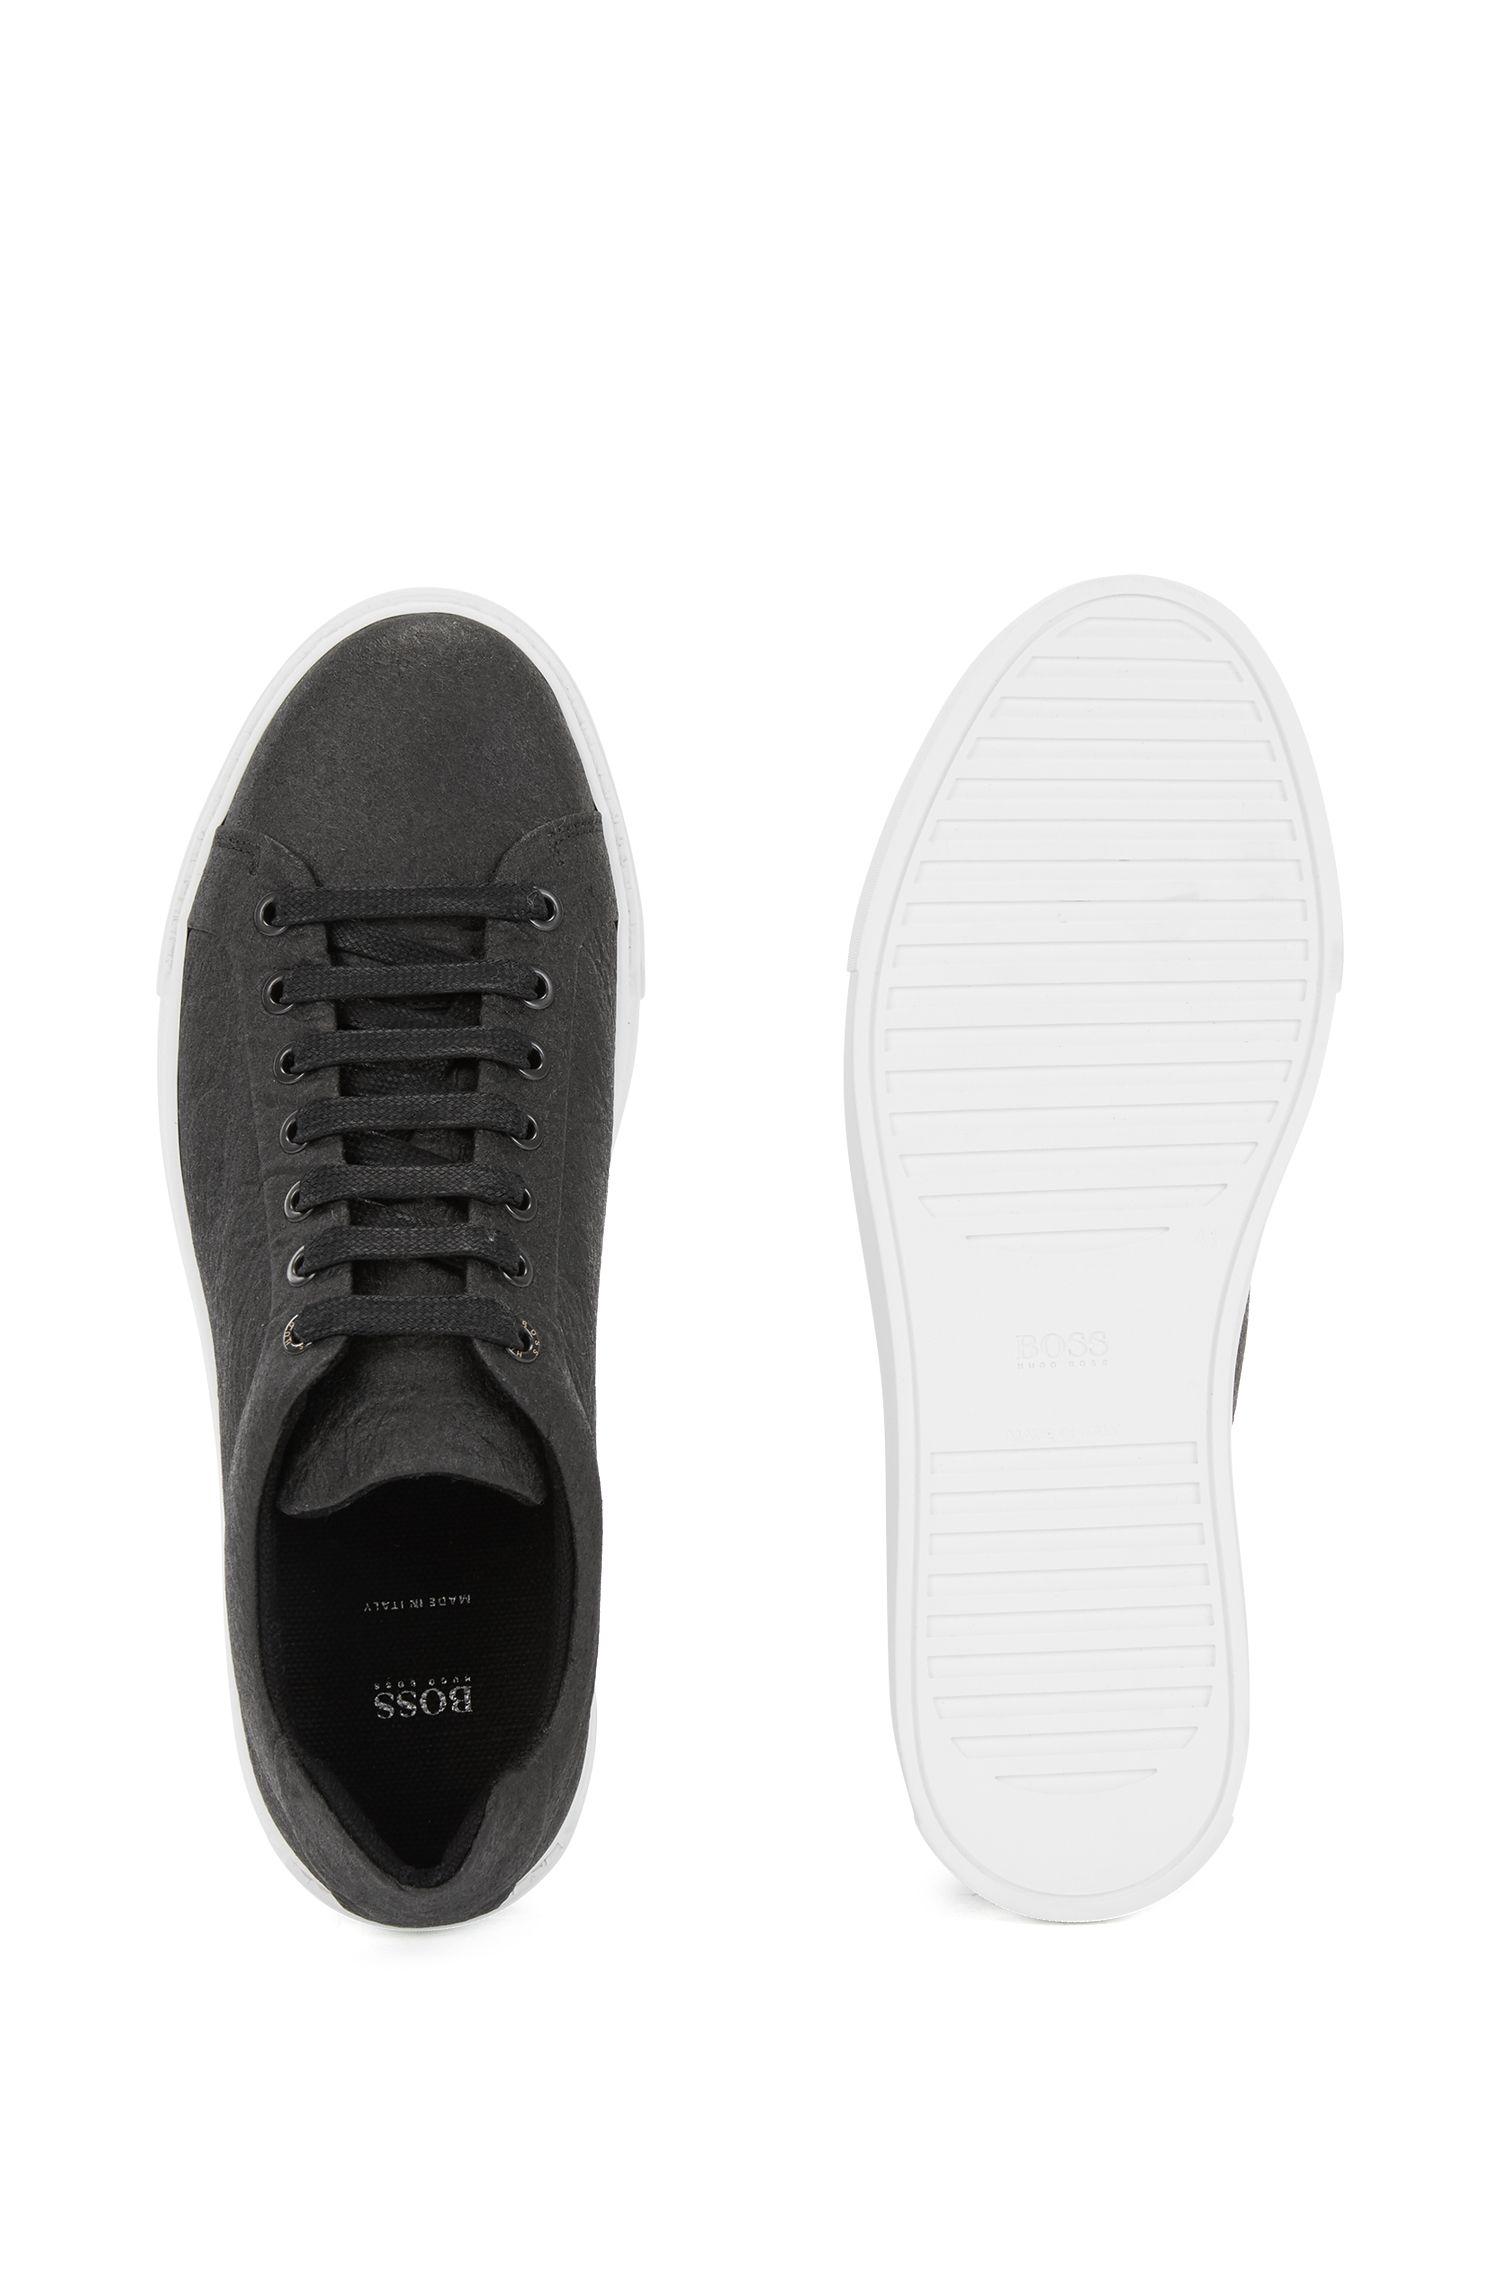 Vegane Sneakers aus Piñatex® aus der Limited Edition